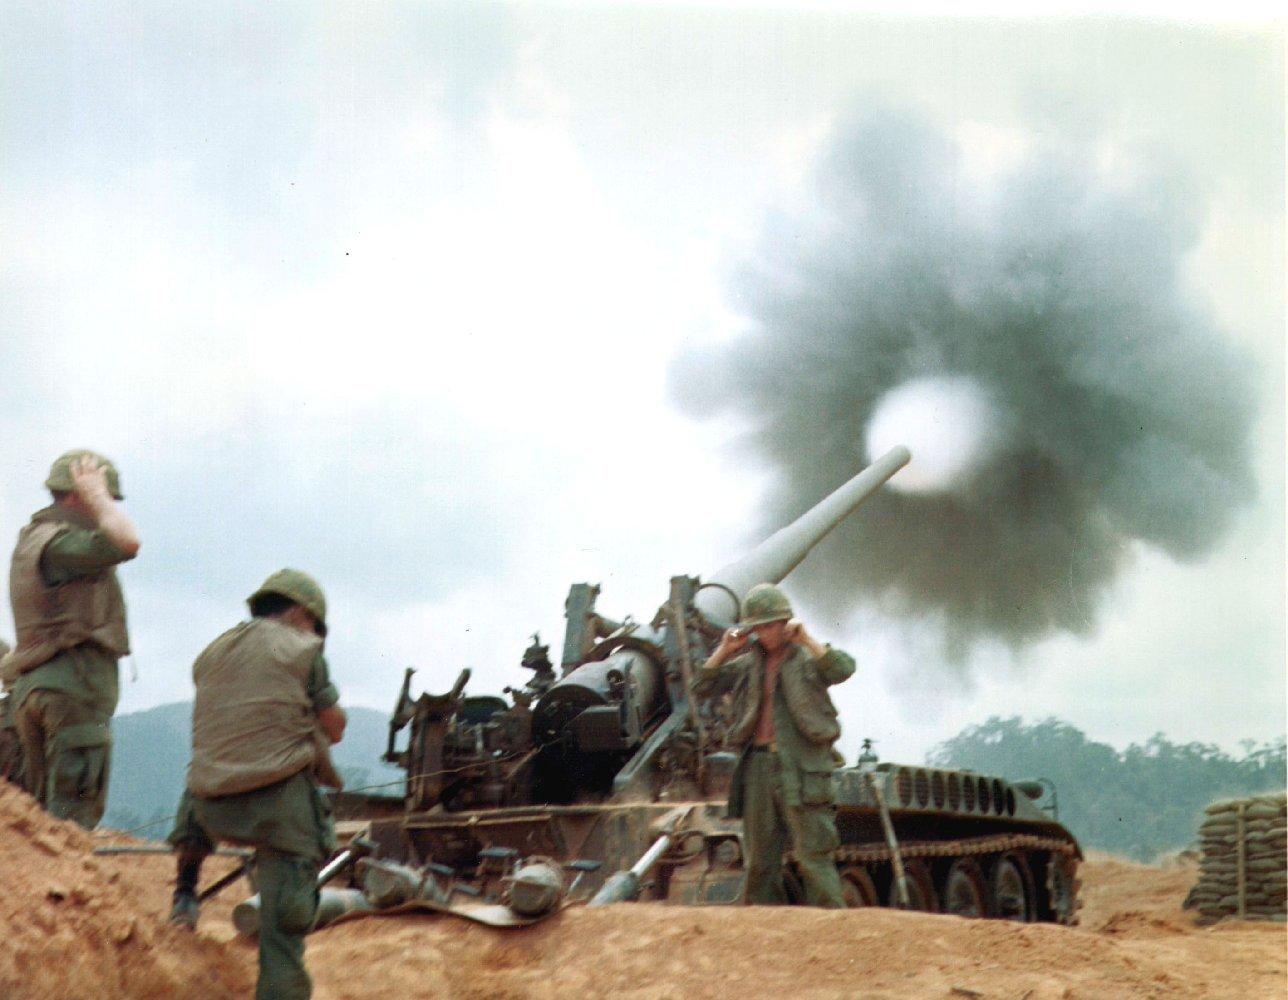 M107 Firing Vietnam 2  M110 Howitzer Firing